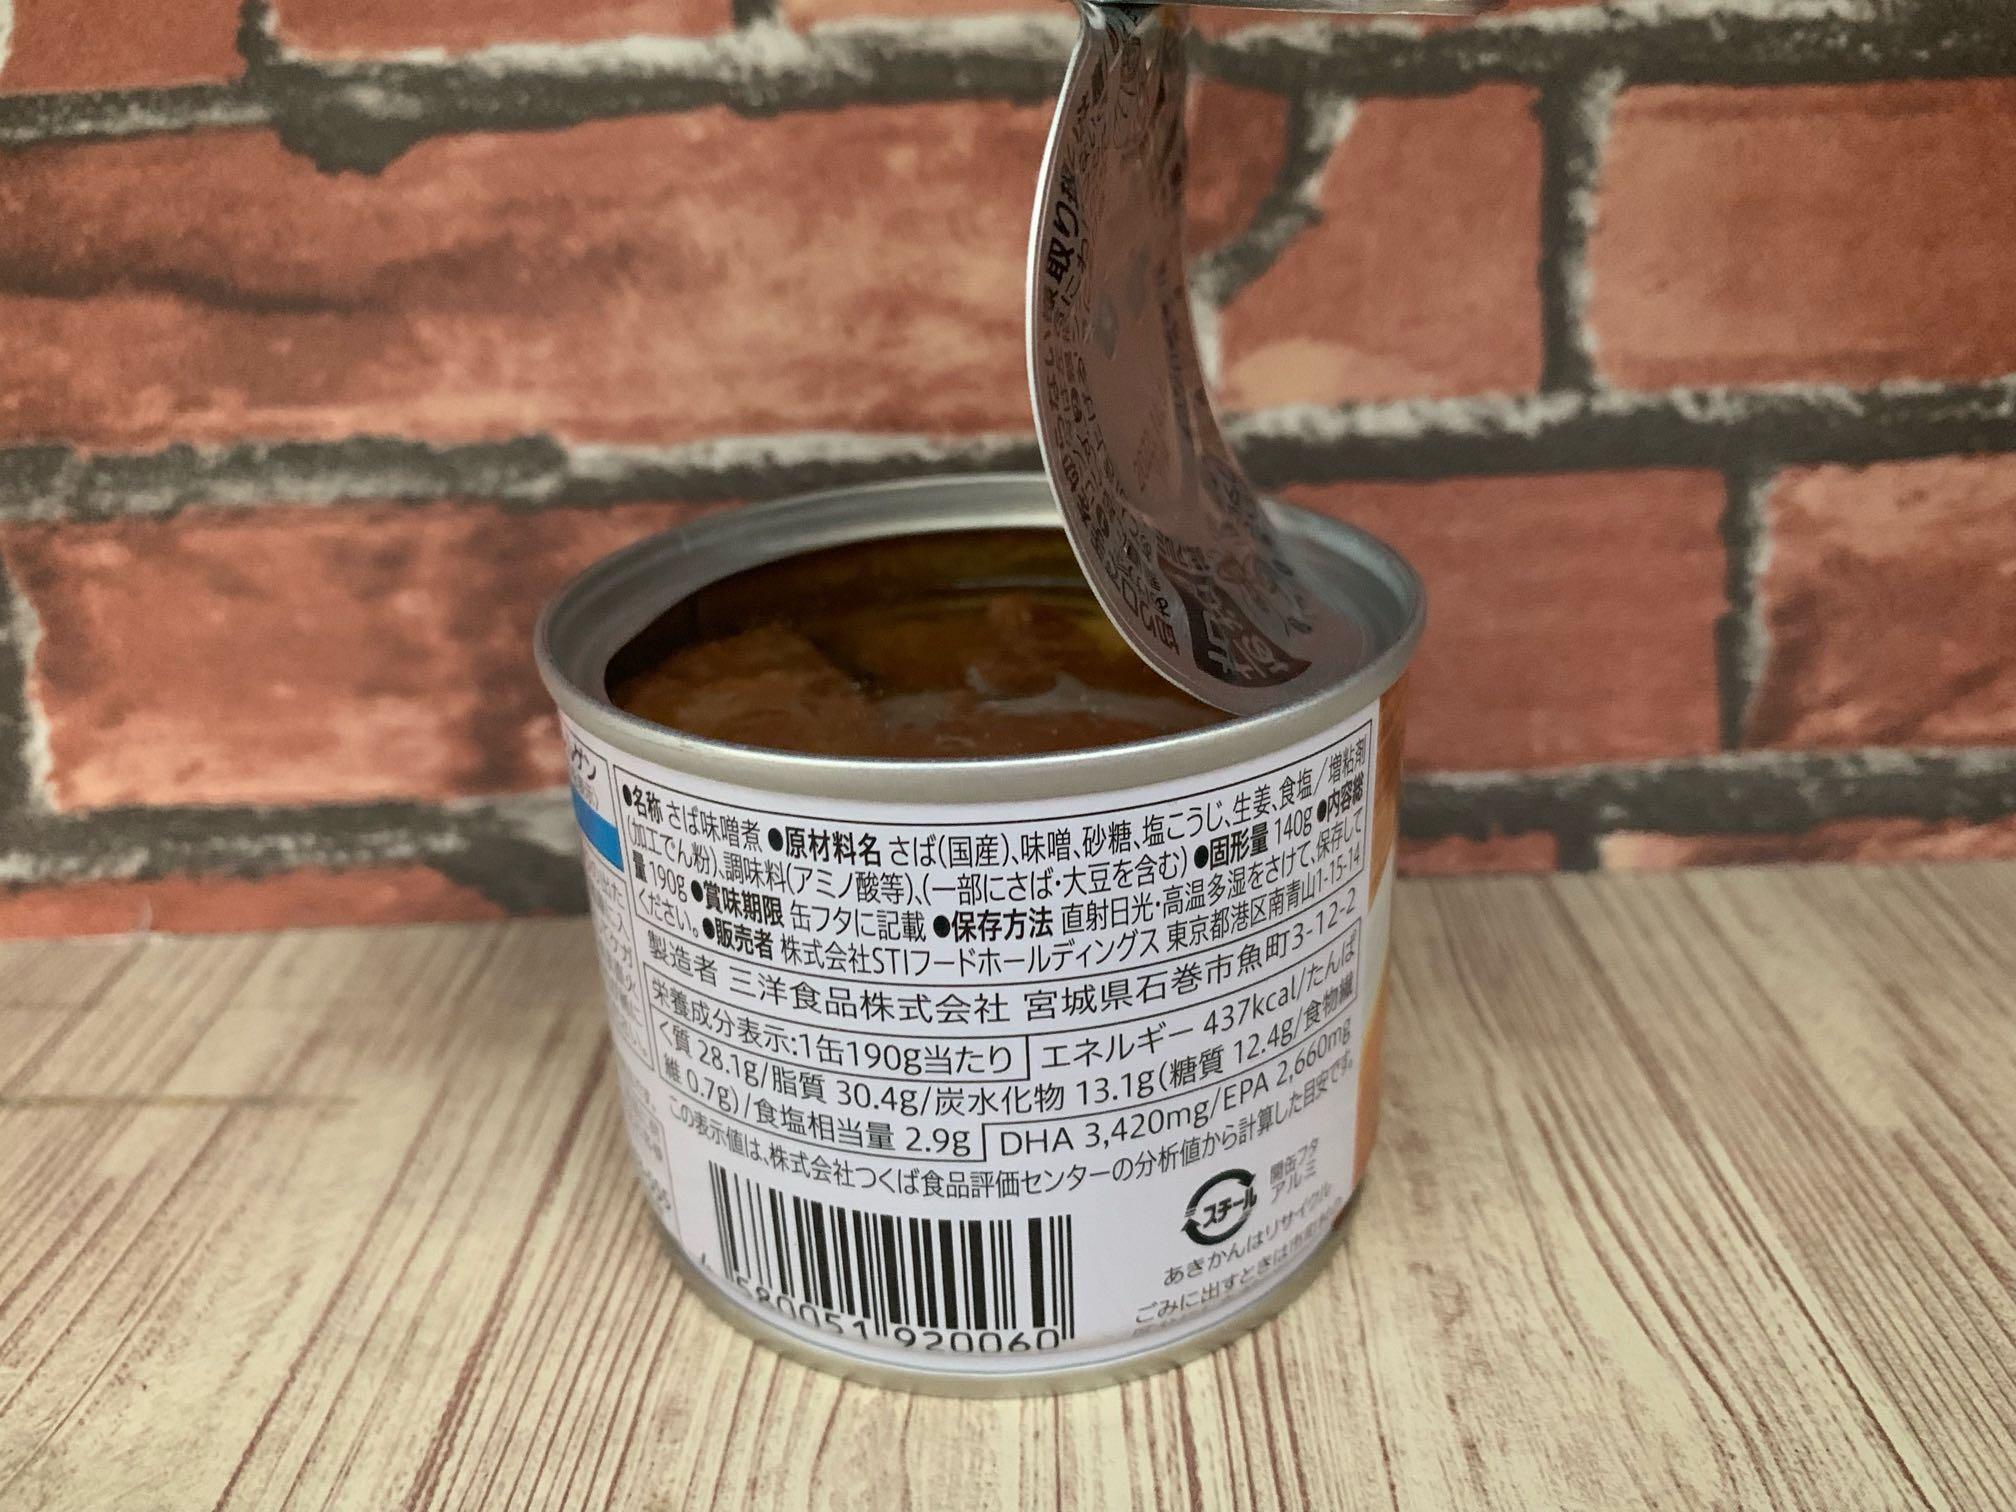 セブンプレミアムの鯖缶「国産さばみそ煮」を食レポしてみた。【5つ星評価、味】